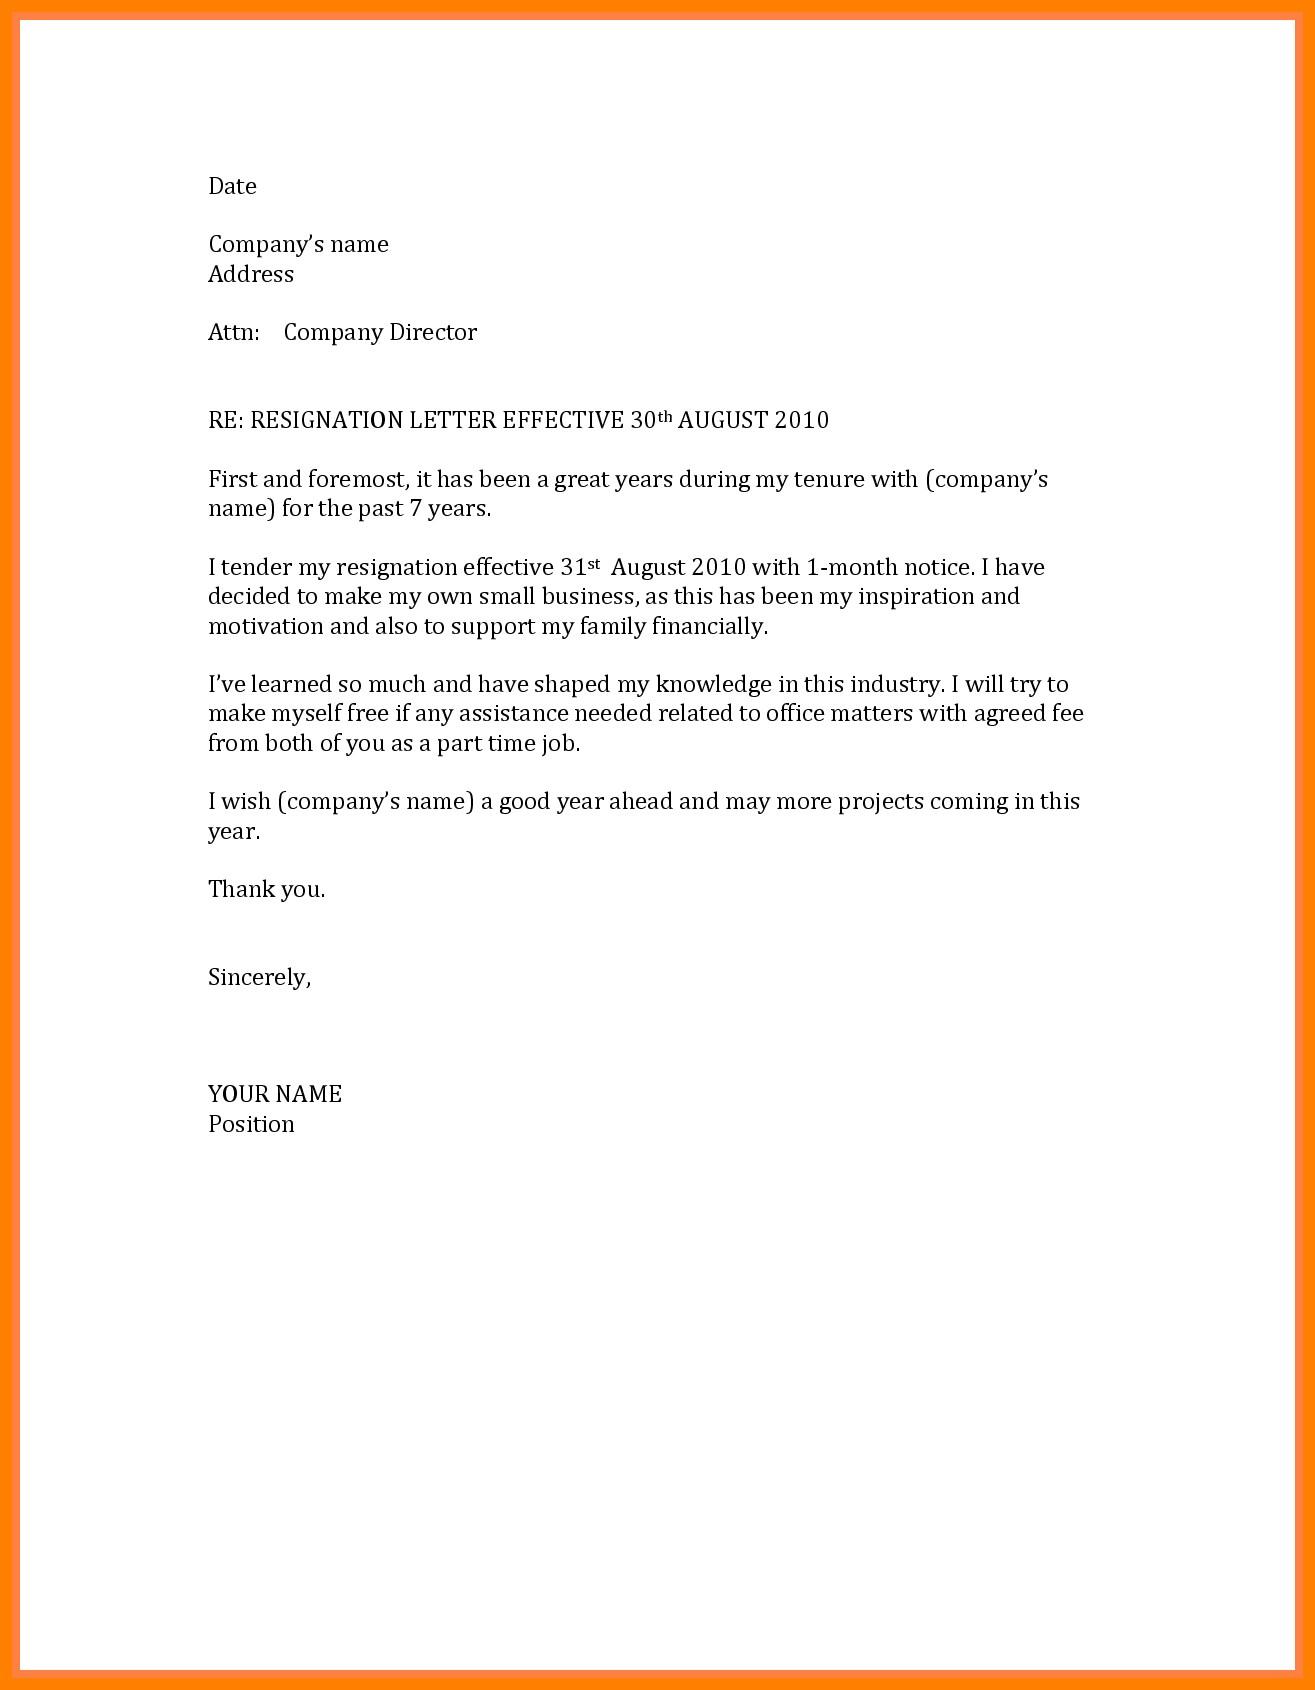 Formal Resignation Letter Template - Resignation Letter New Job Opportunity Fresh Sample Job Resignation